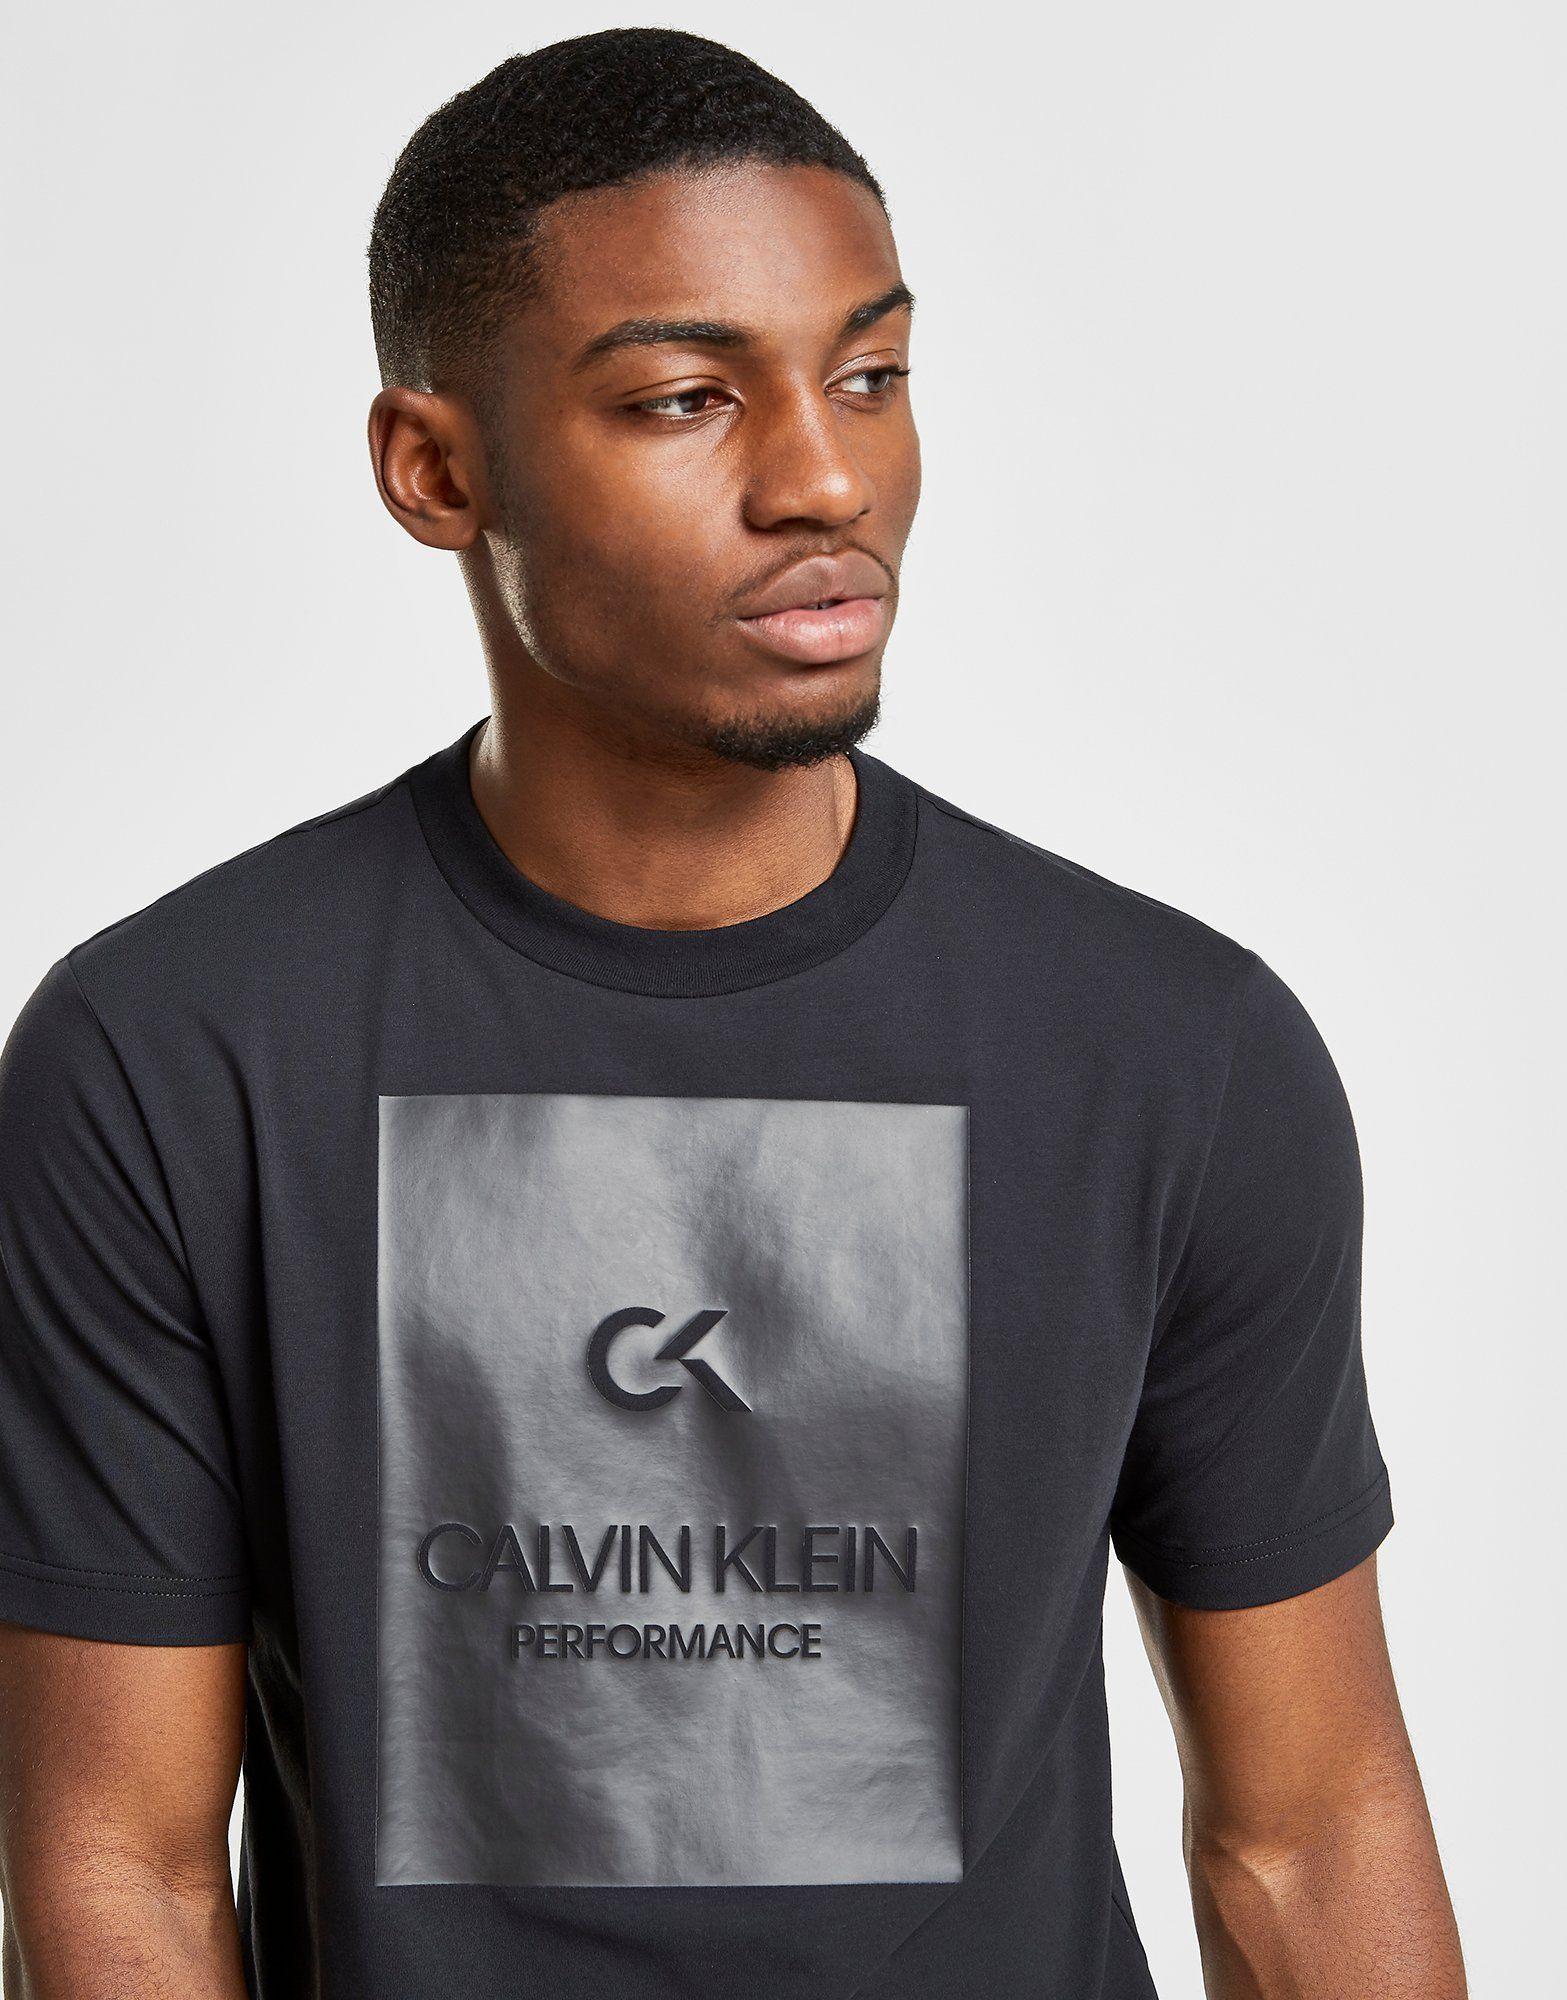 Calvin Klein Performance Box T-Shirt